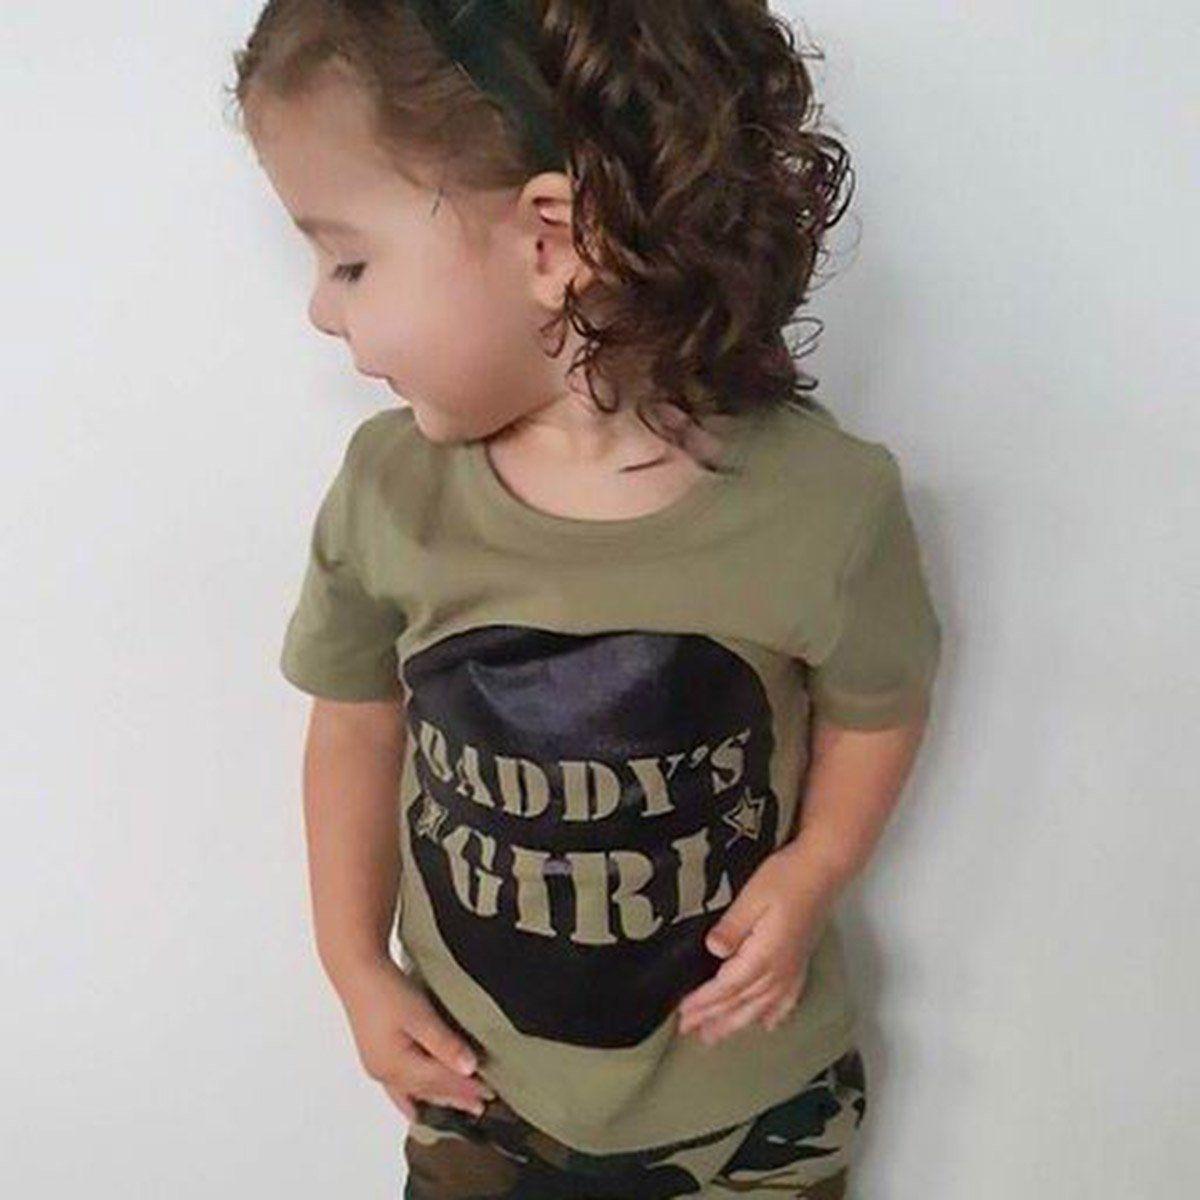 Toddler Kids Chłopcy Dziewczęta Topy Camo T-shirt Spodnie Letnie - Ubrania dziecięce - Zdjęcie 5